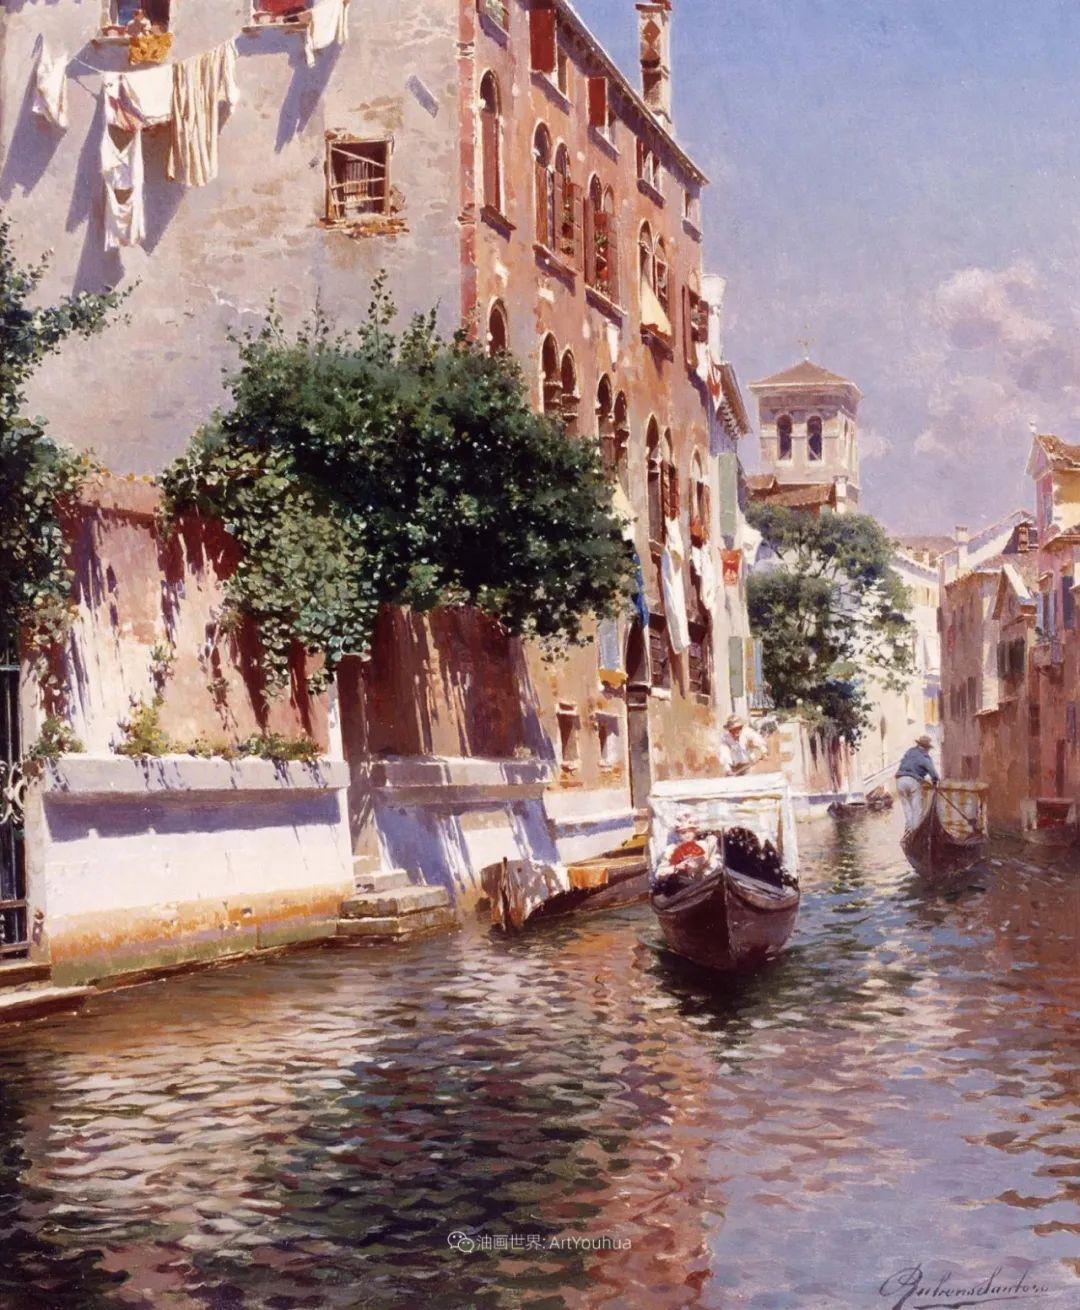 威尼斯风光,意大利画家鲁本斯·桑托罗插图21